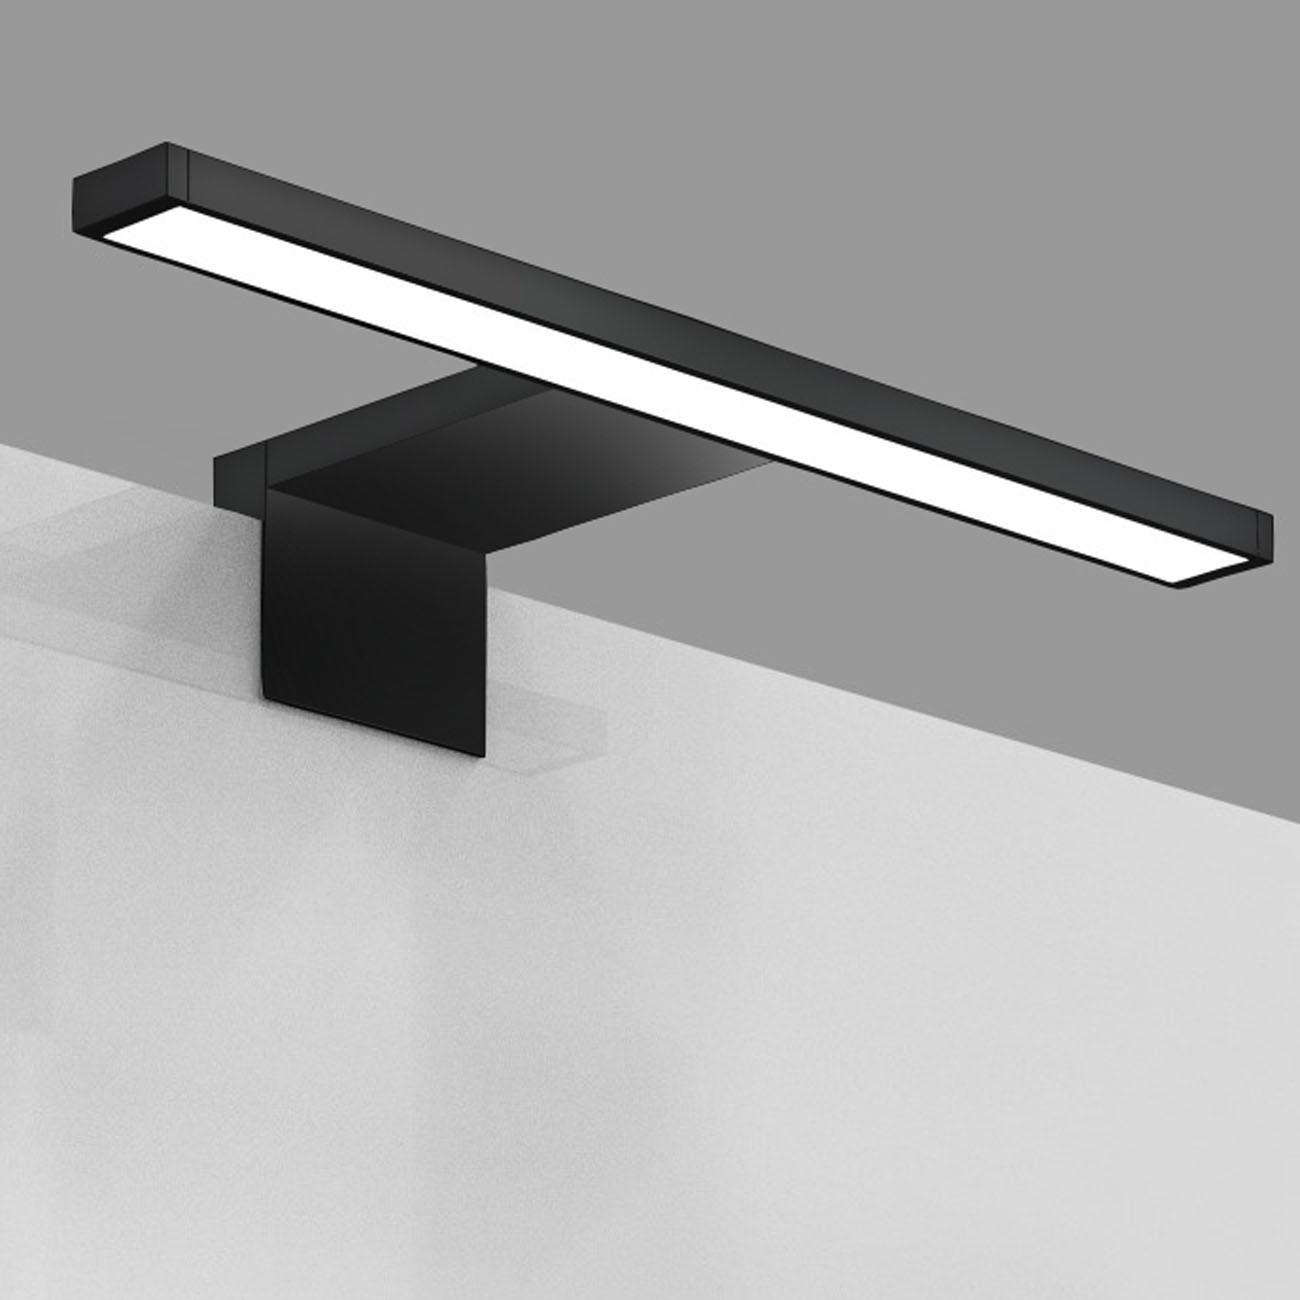 LED Spiegelleuchte Badlampe IP44 neutral-weiß S schwarz - 6